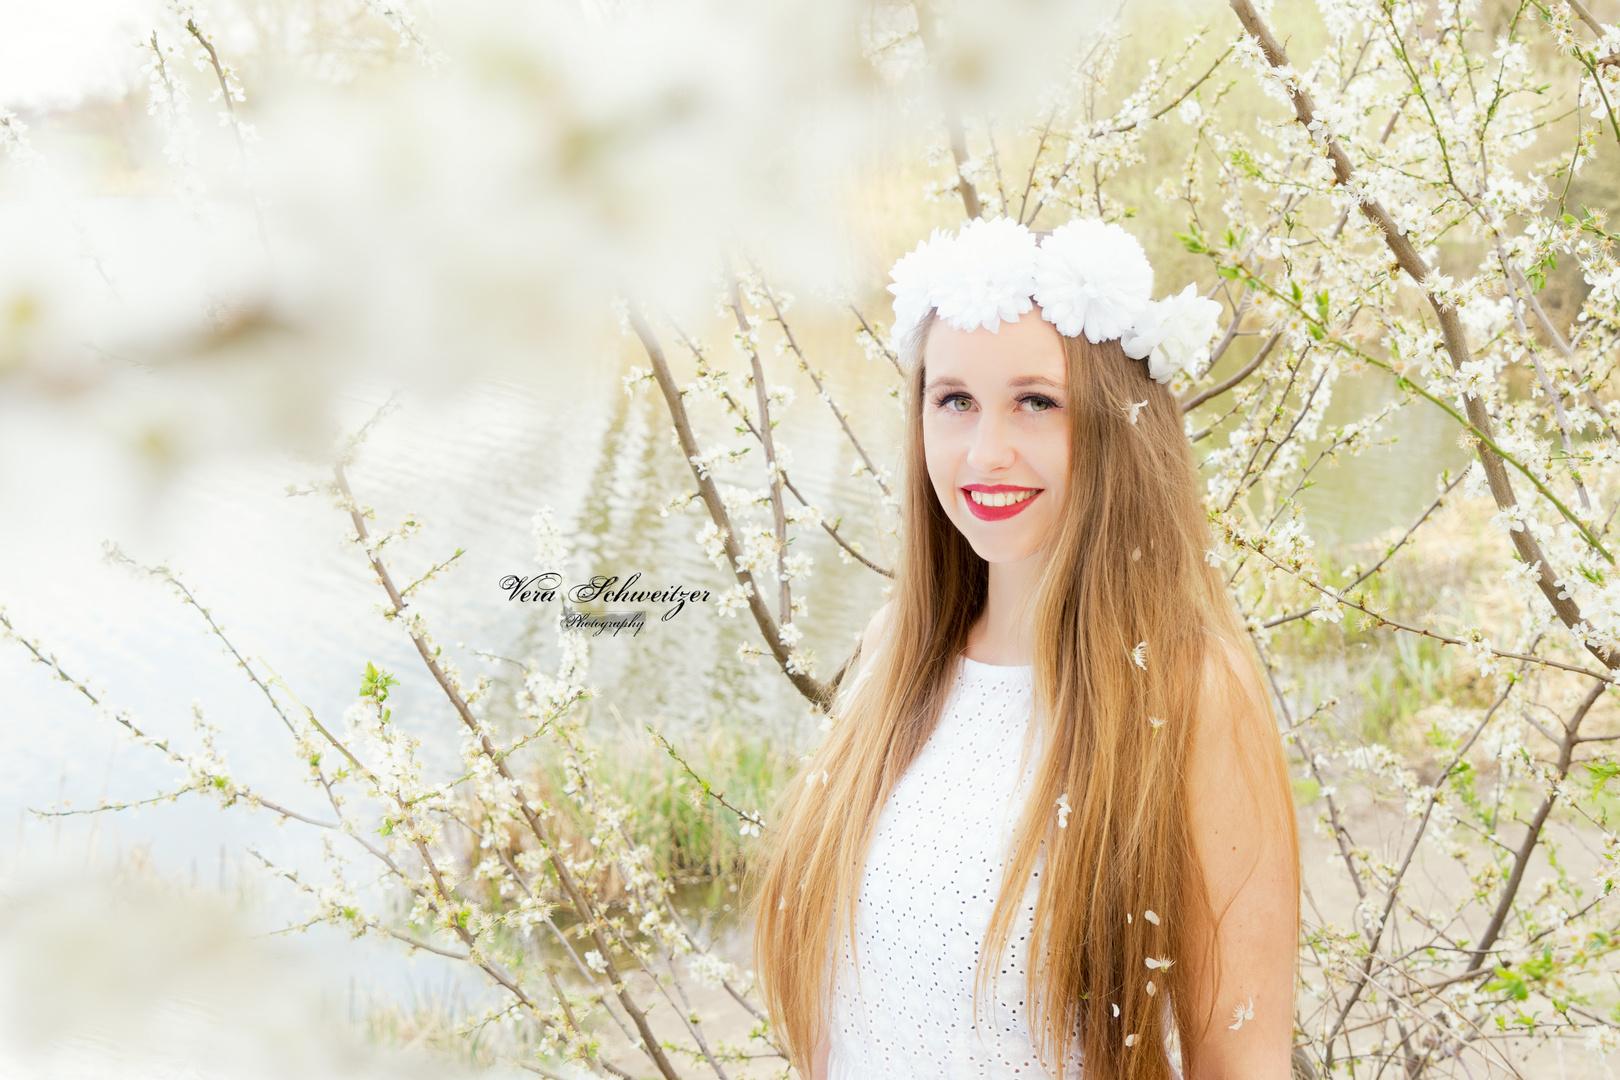 Eine bezaubernde Frau im Blütenparadies